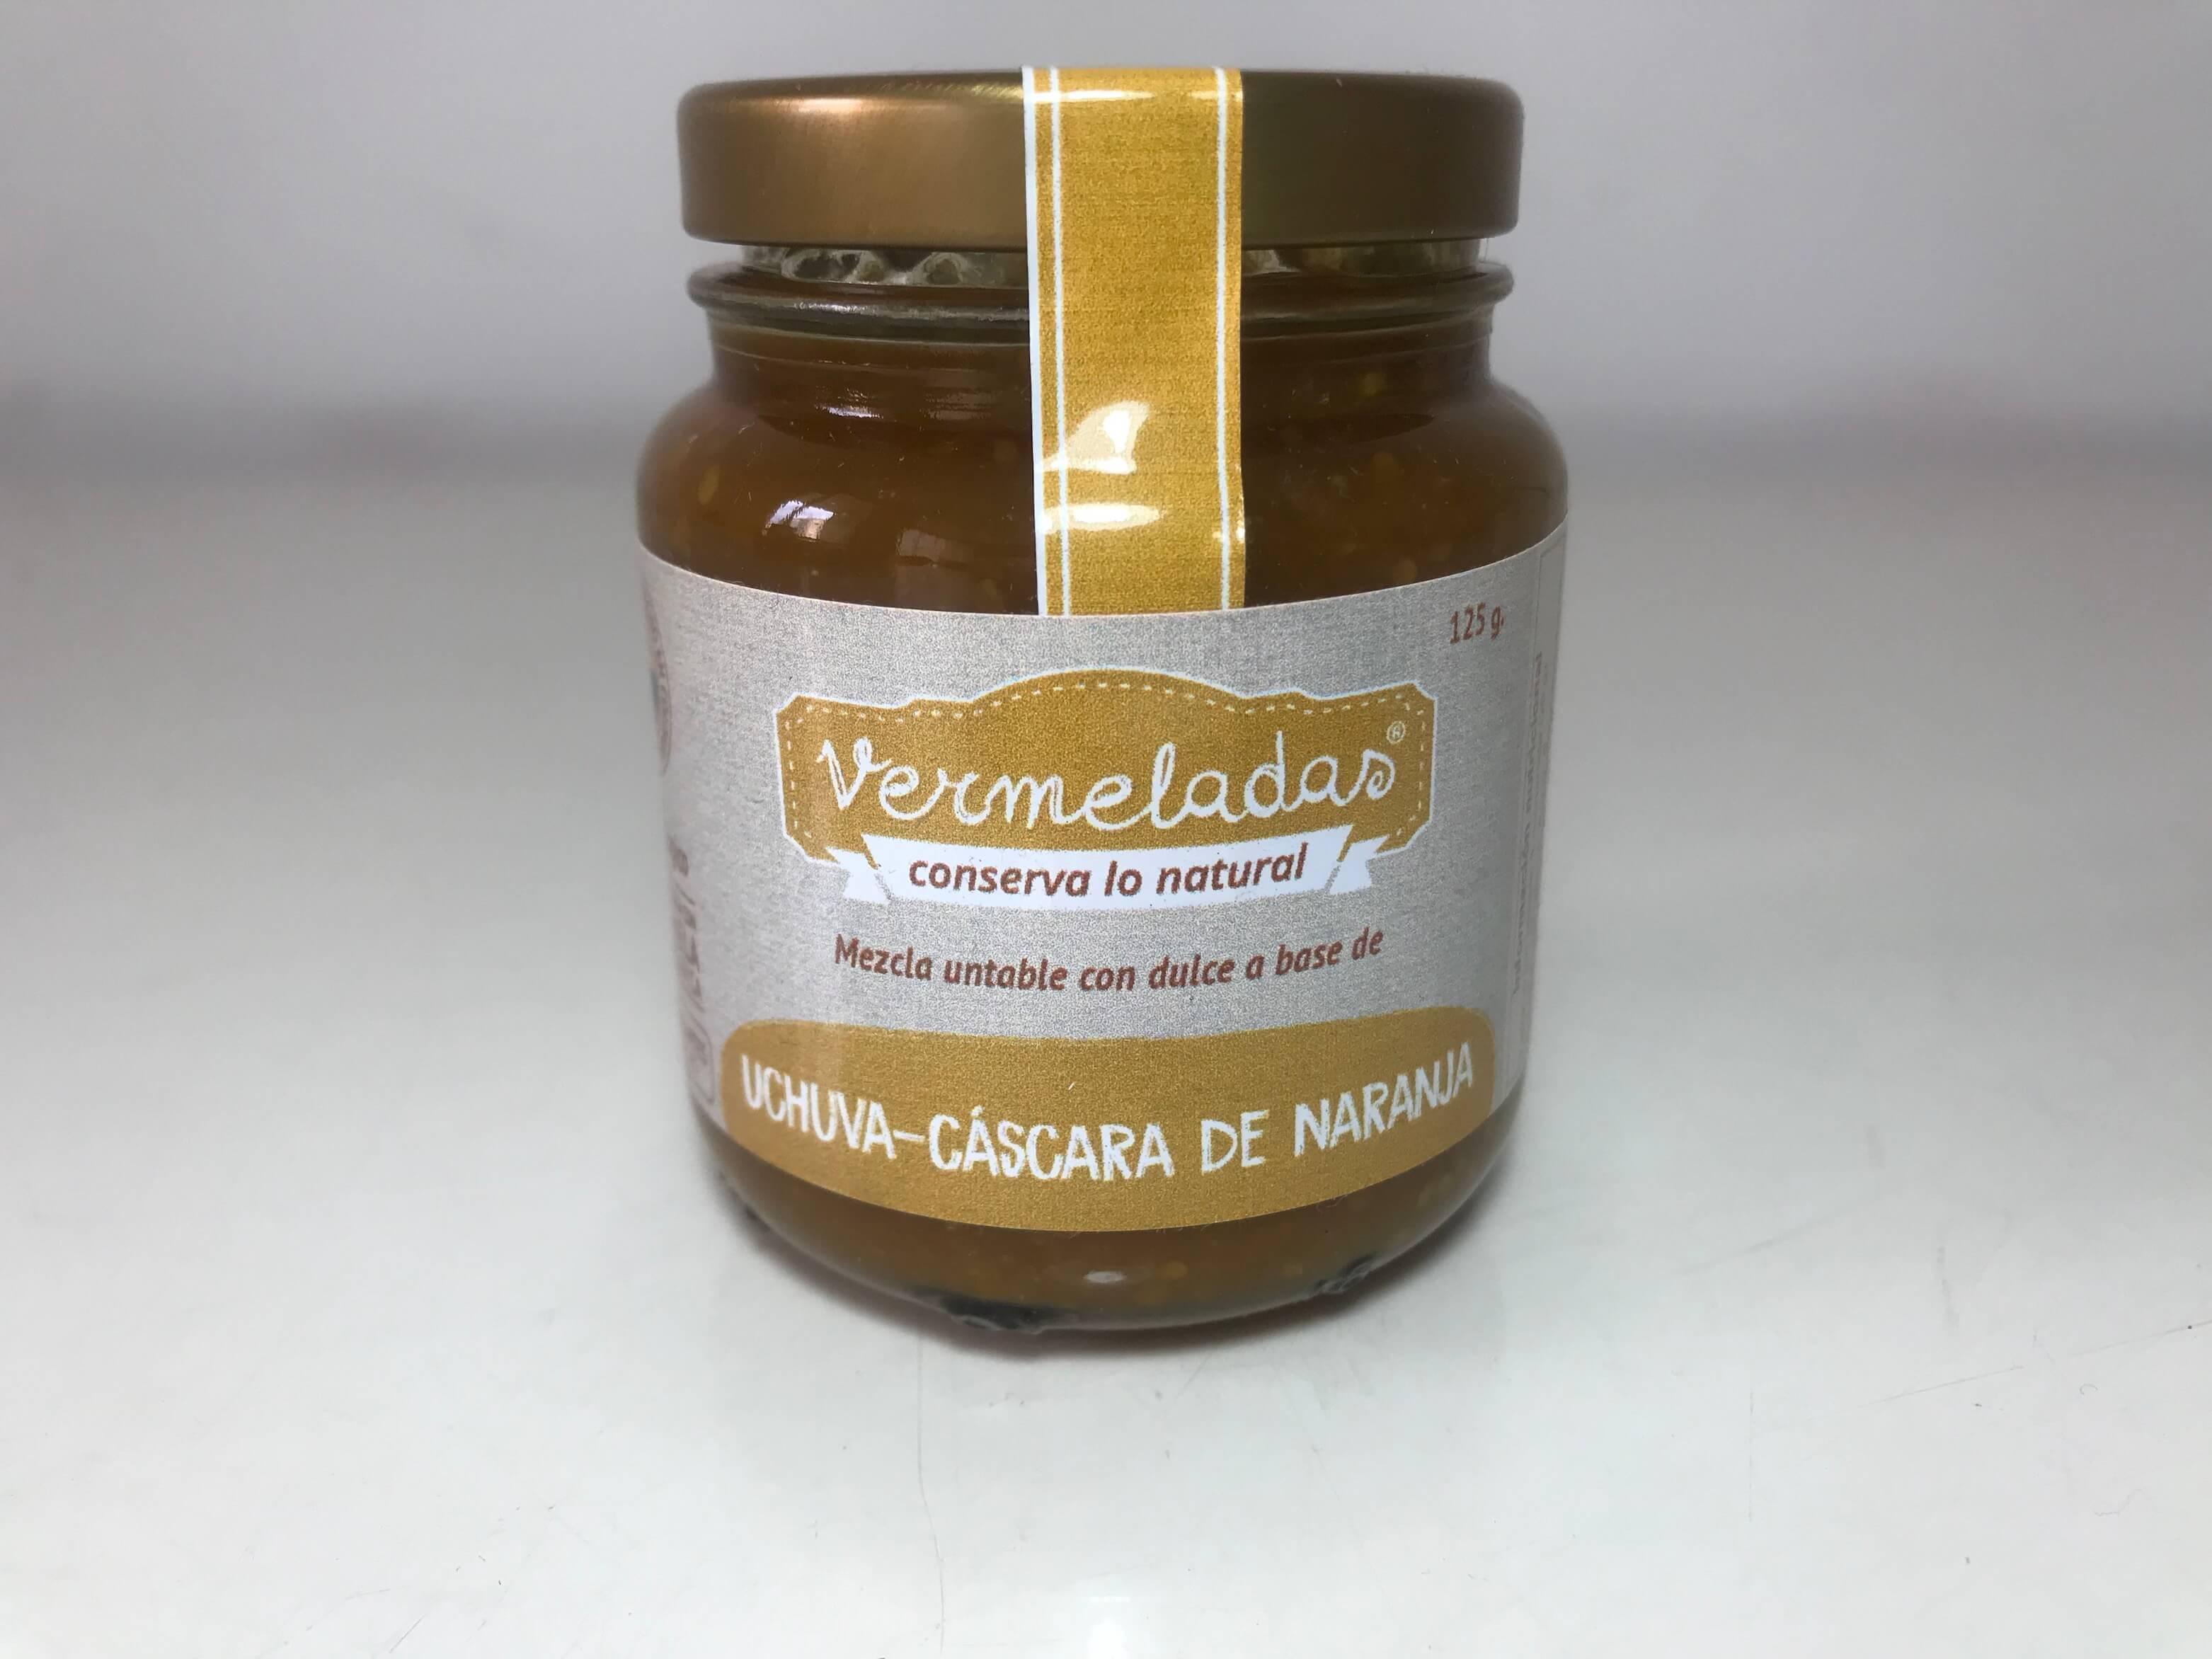 Vermelada-Uchuva-Cáscara-de-Naranja.jpeg